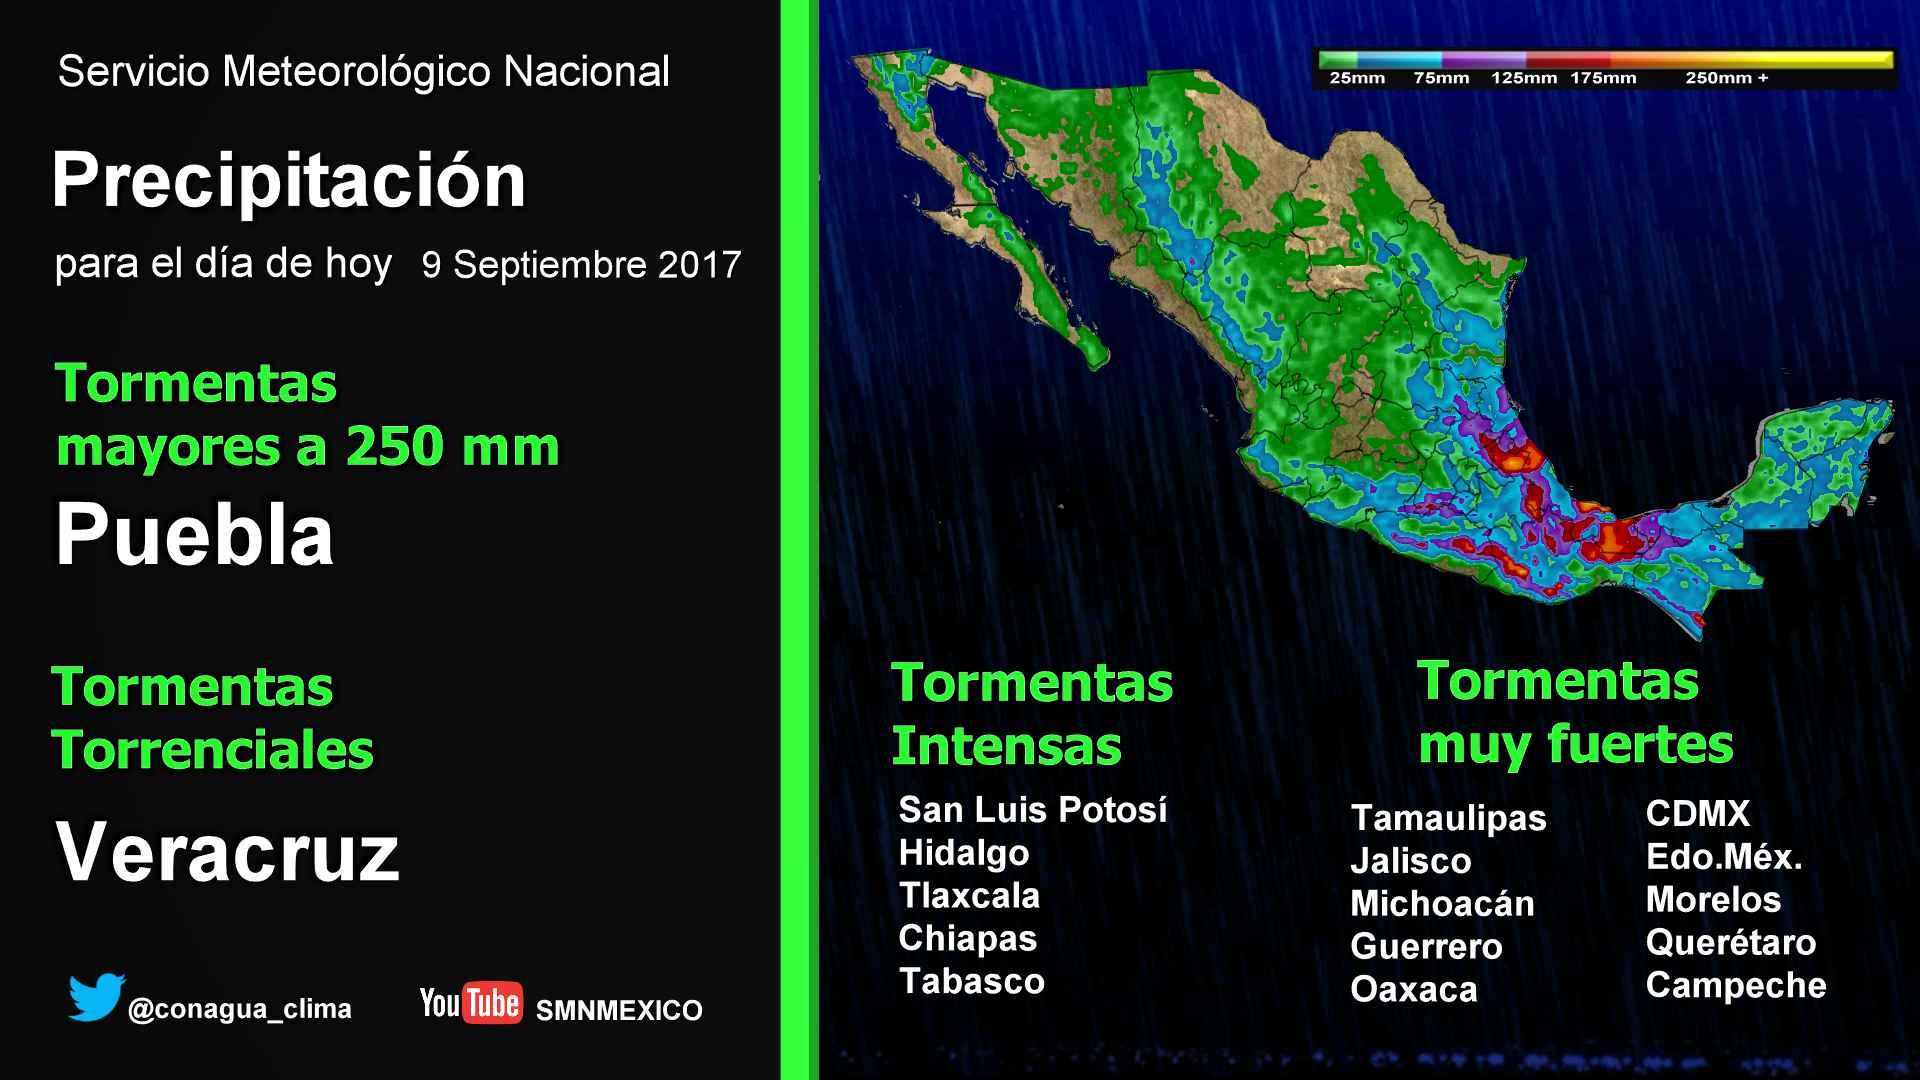 Katia tocó tierra al noroeste de Tecolutla, Veracruz, como huracán categoría 1